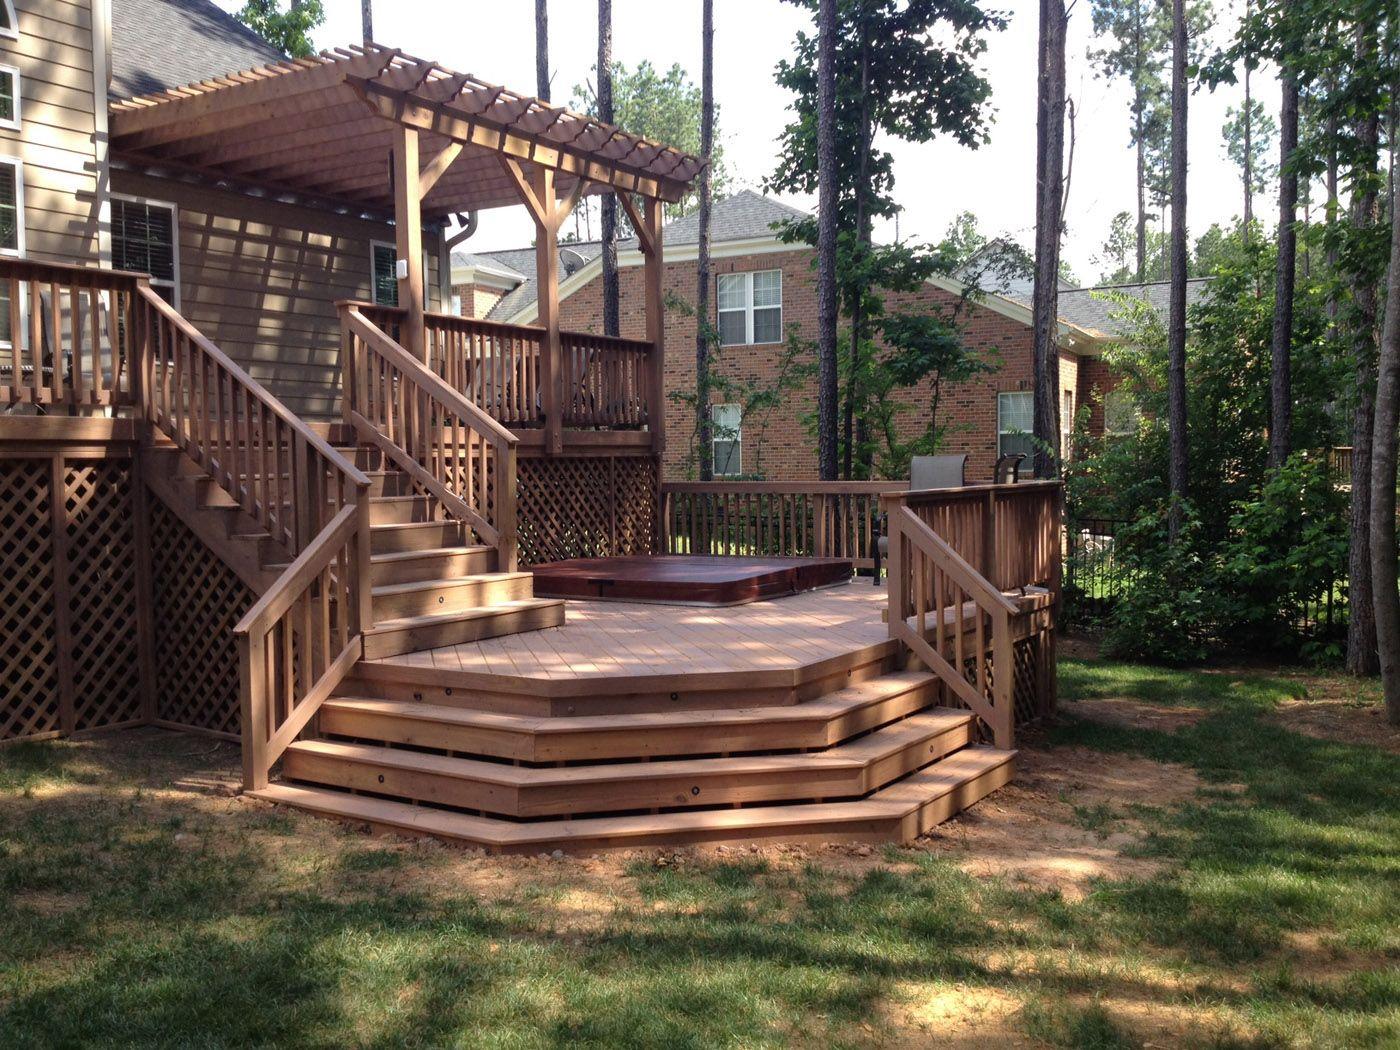 Porch Bench, Decking